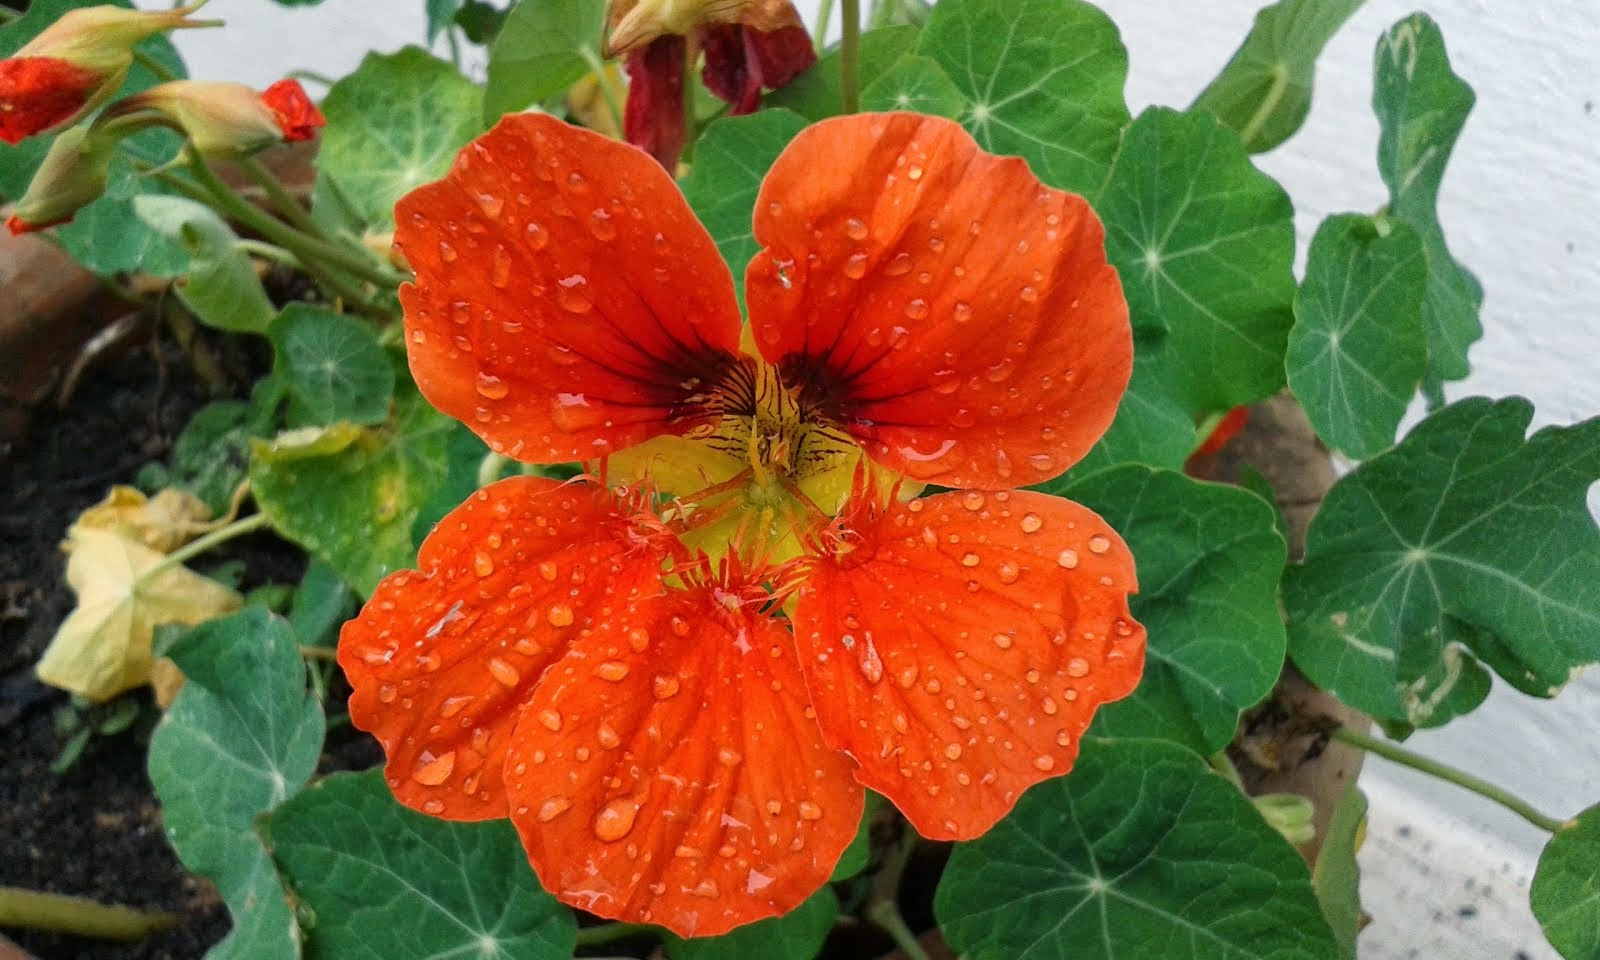 Blushing orange